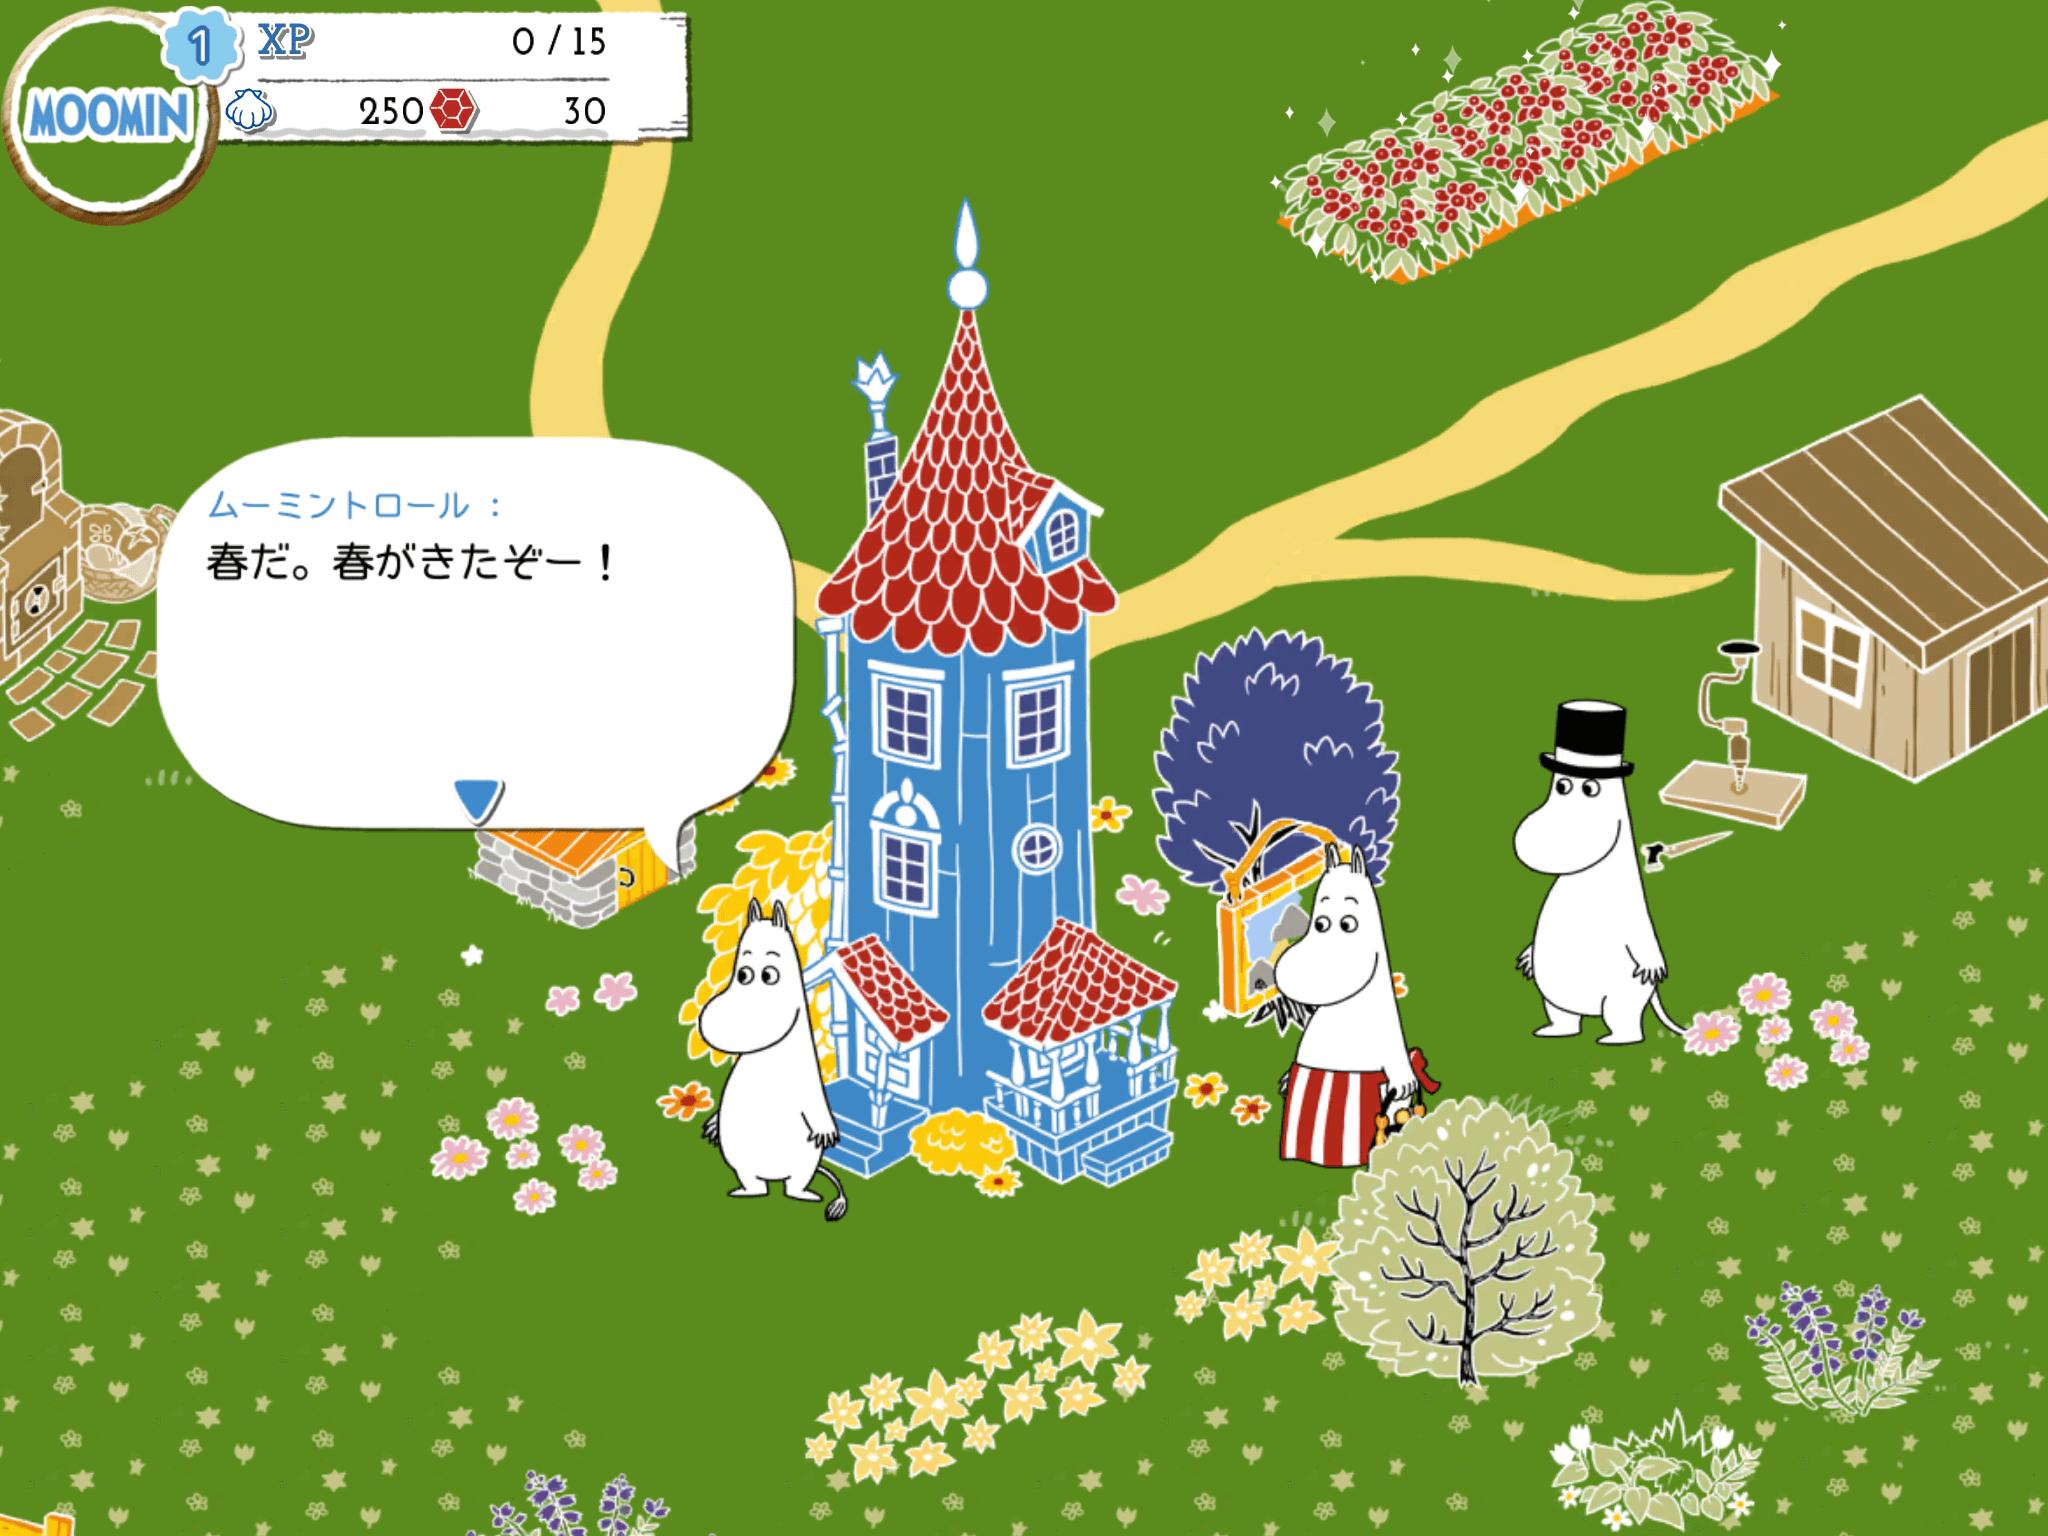 ムーミン ~ようこそ! ムーミン谷へ~画面